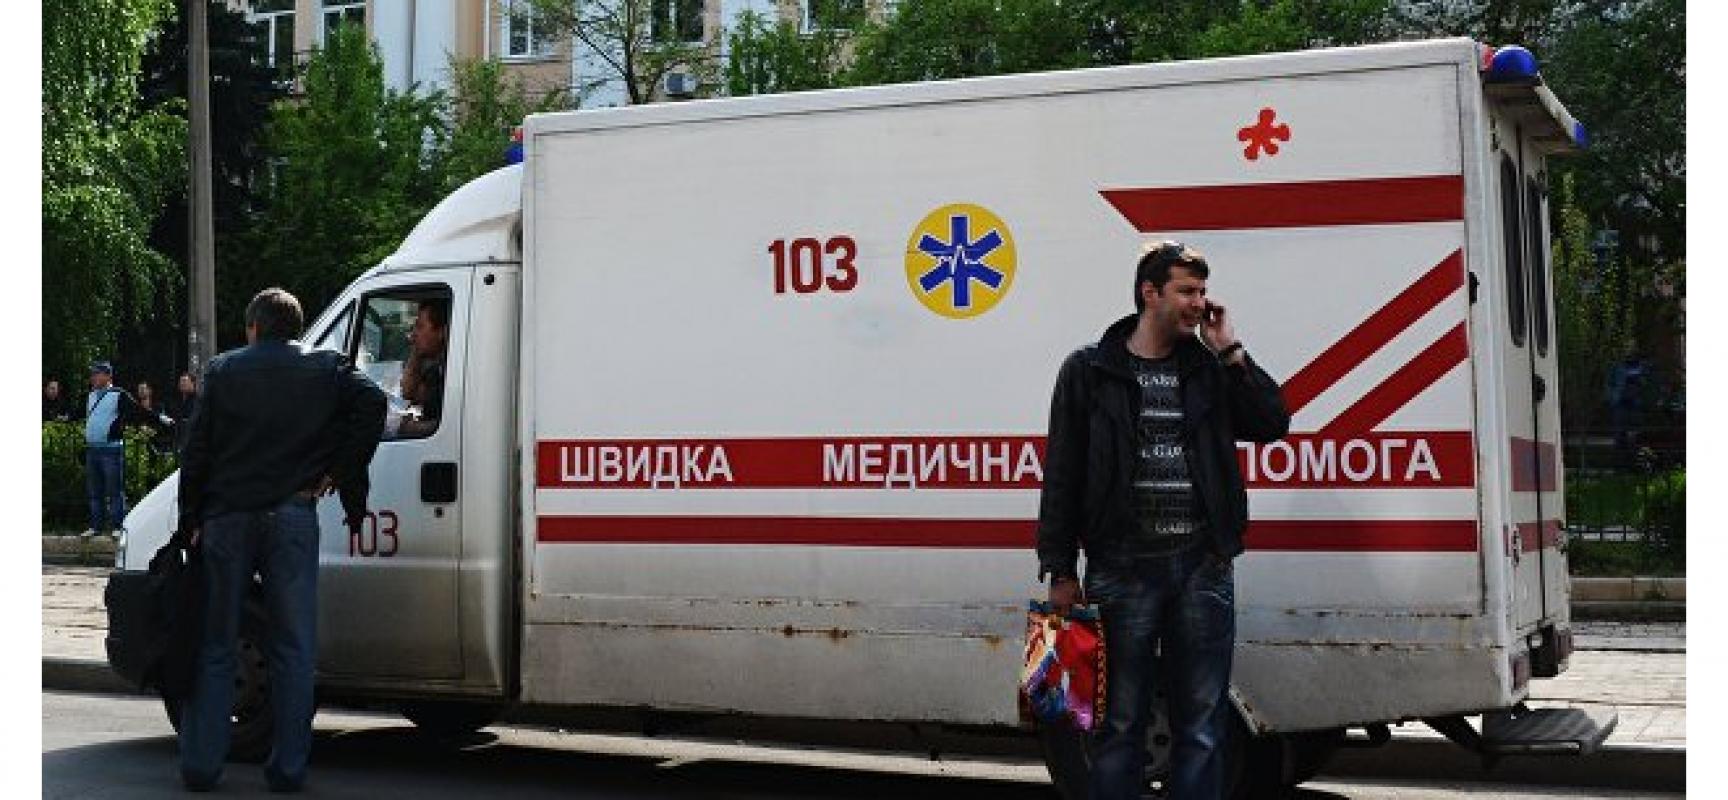 Fake: In Ucraina saranno licenziati tutti gli assistenti medici